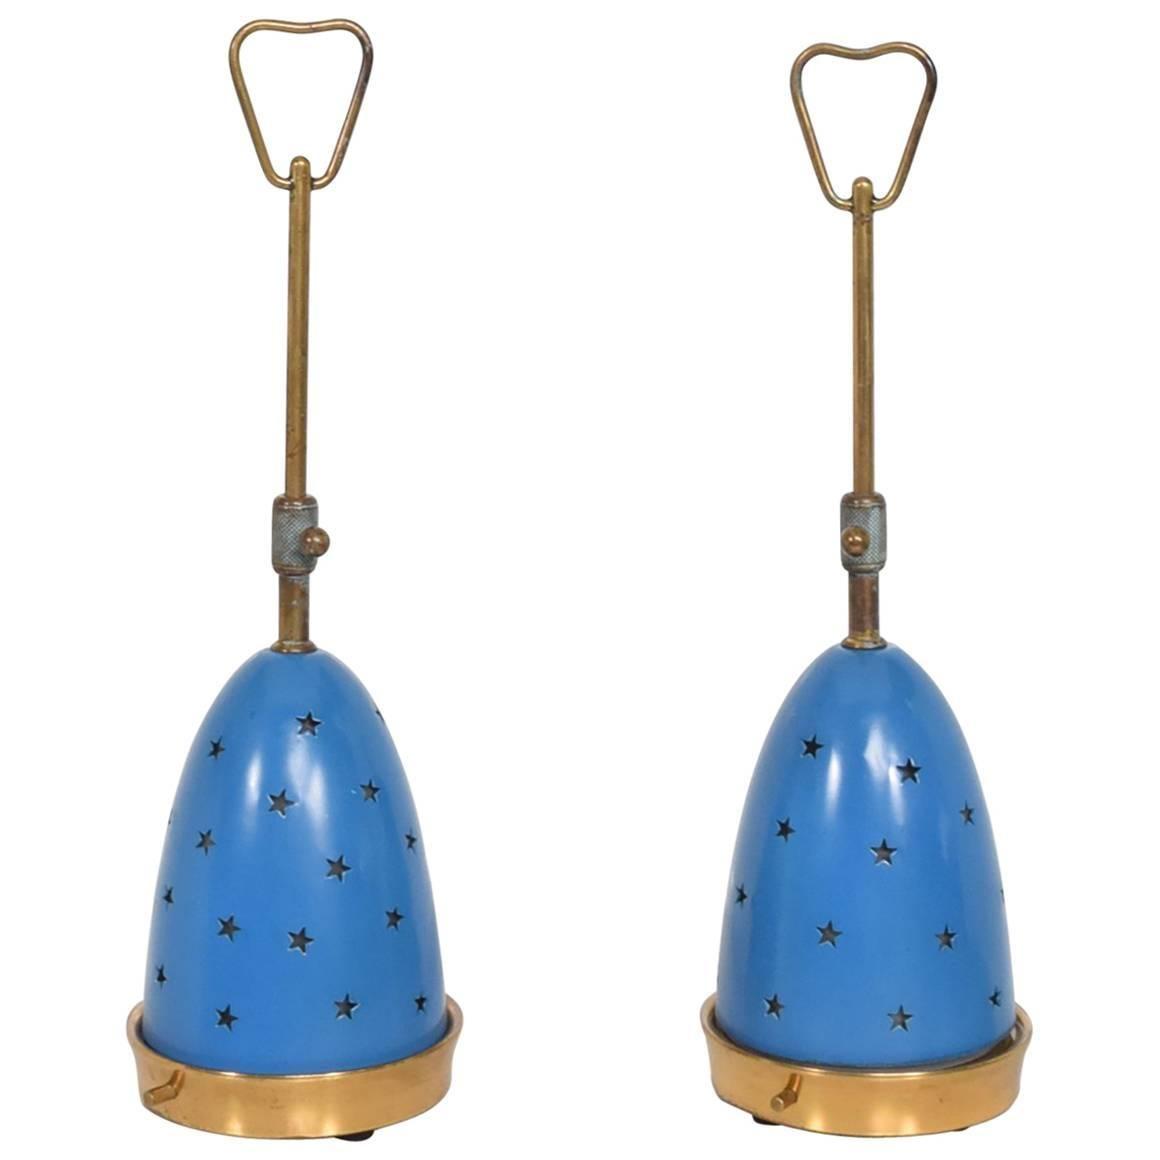 Angelo Lelli Table Lamps for Arredoluce, Midcentury Italian Modern